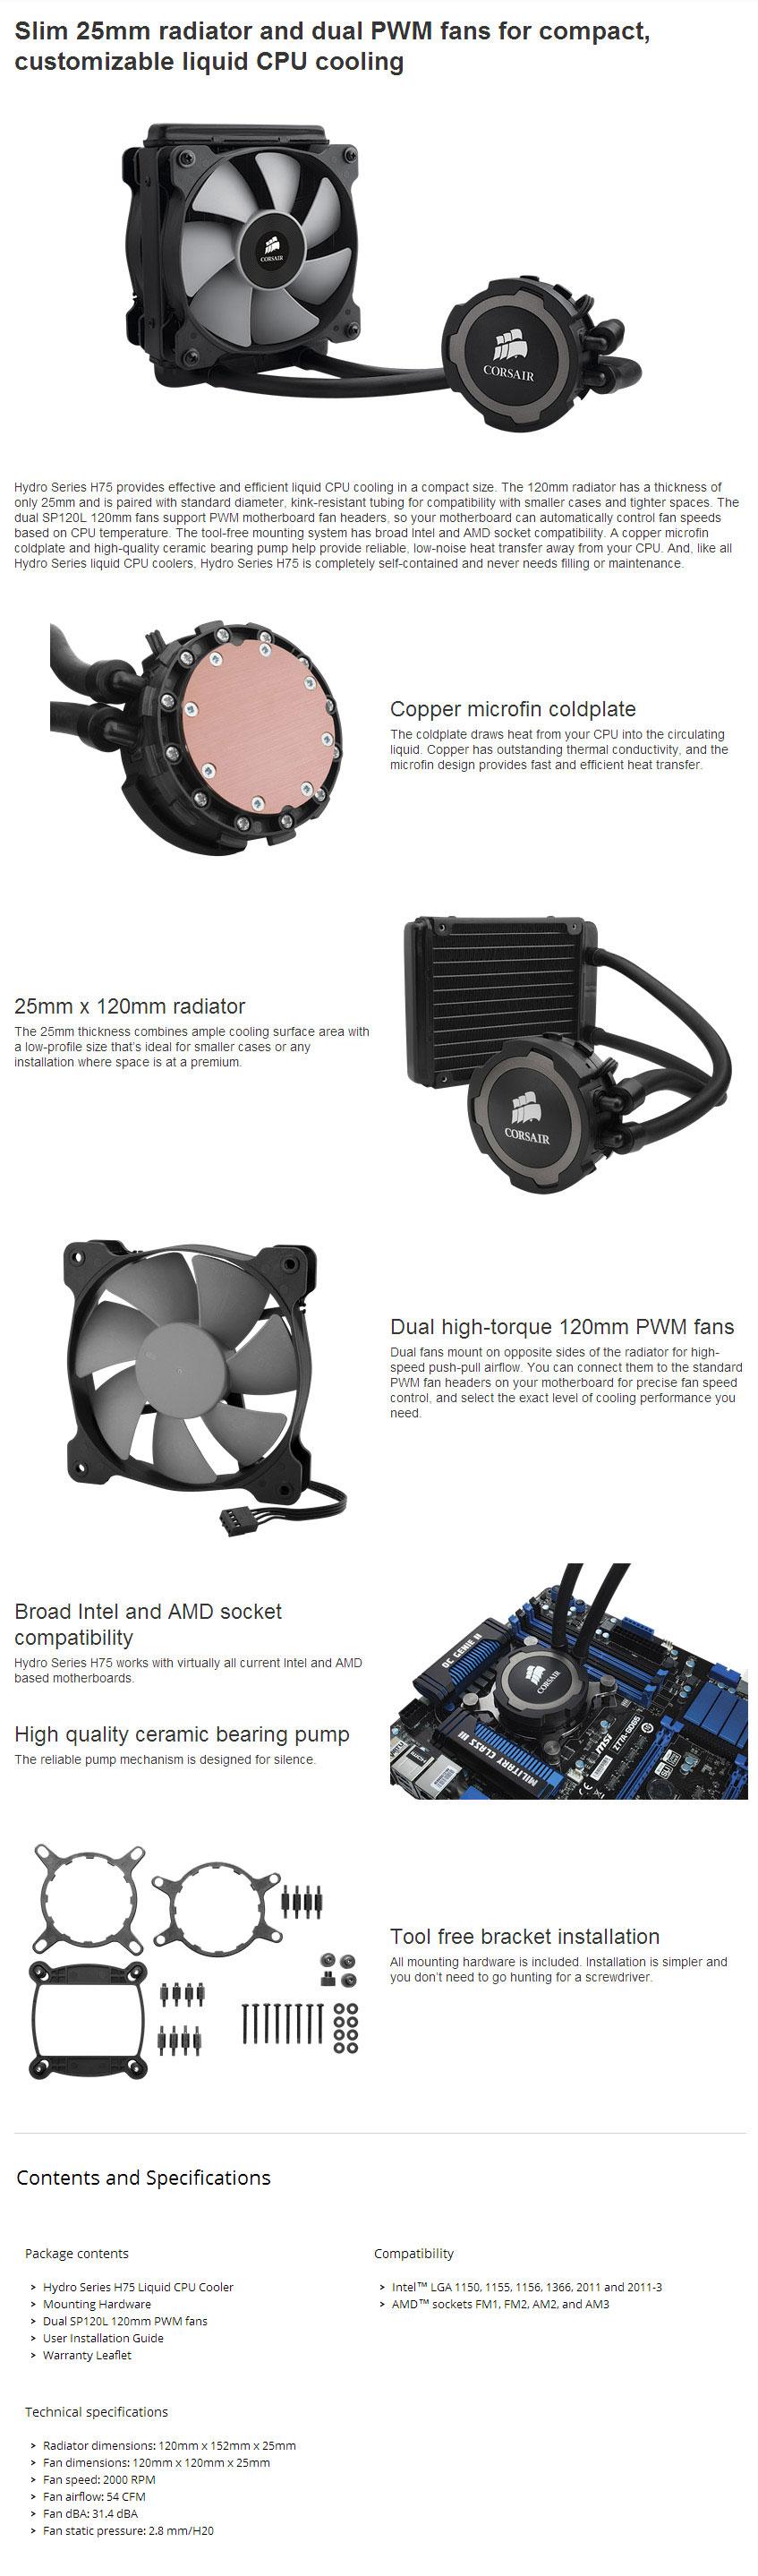 Corsair Hydro Series H75 120mm Liquid CPU Cooler